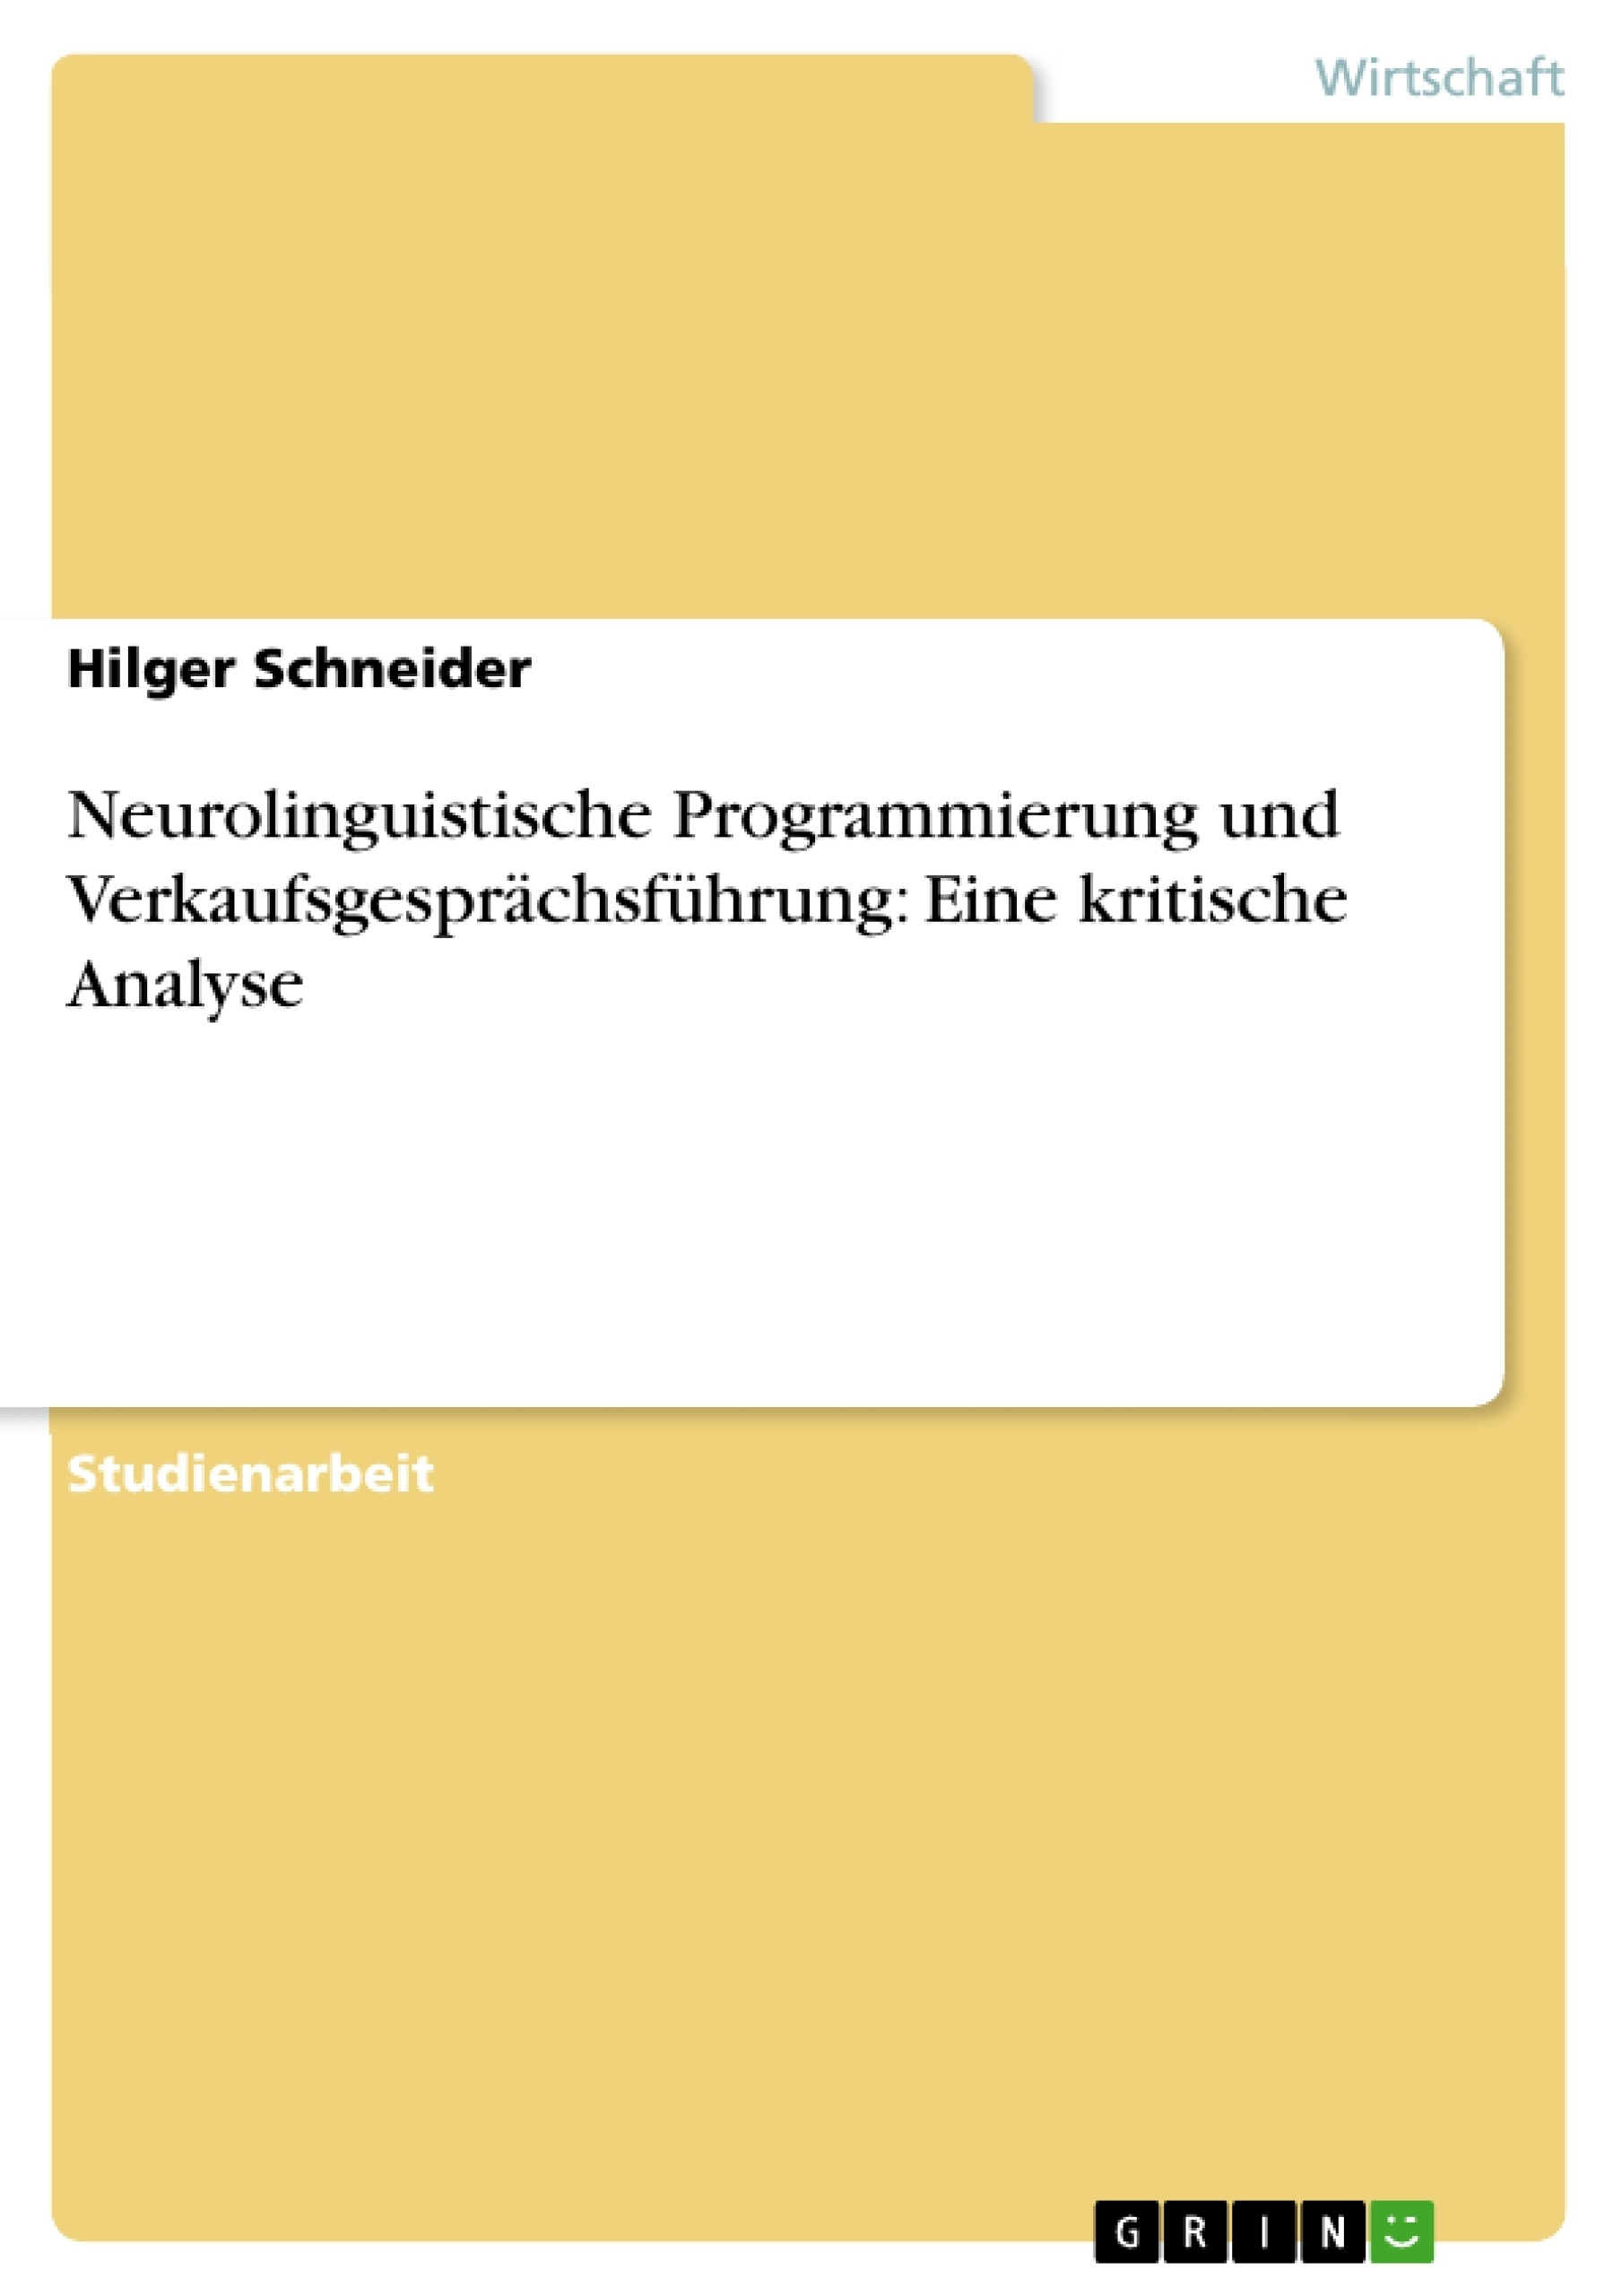 Titel: Neurolinguistische Programmierung und Verkaufsgesprächsführung: Eine kritische Analyse